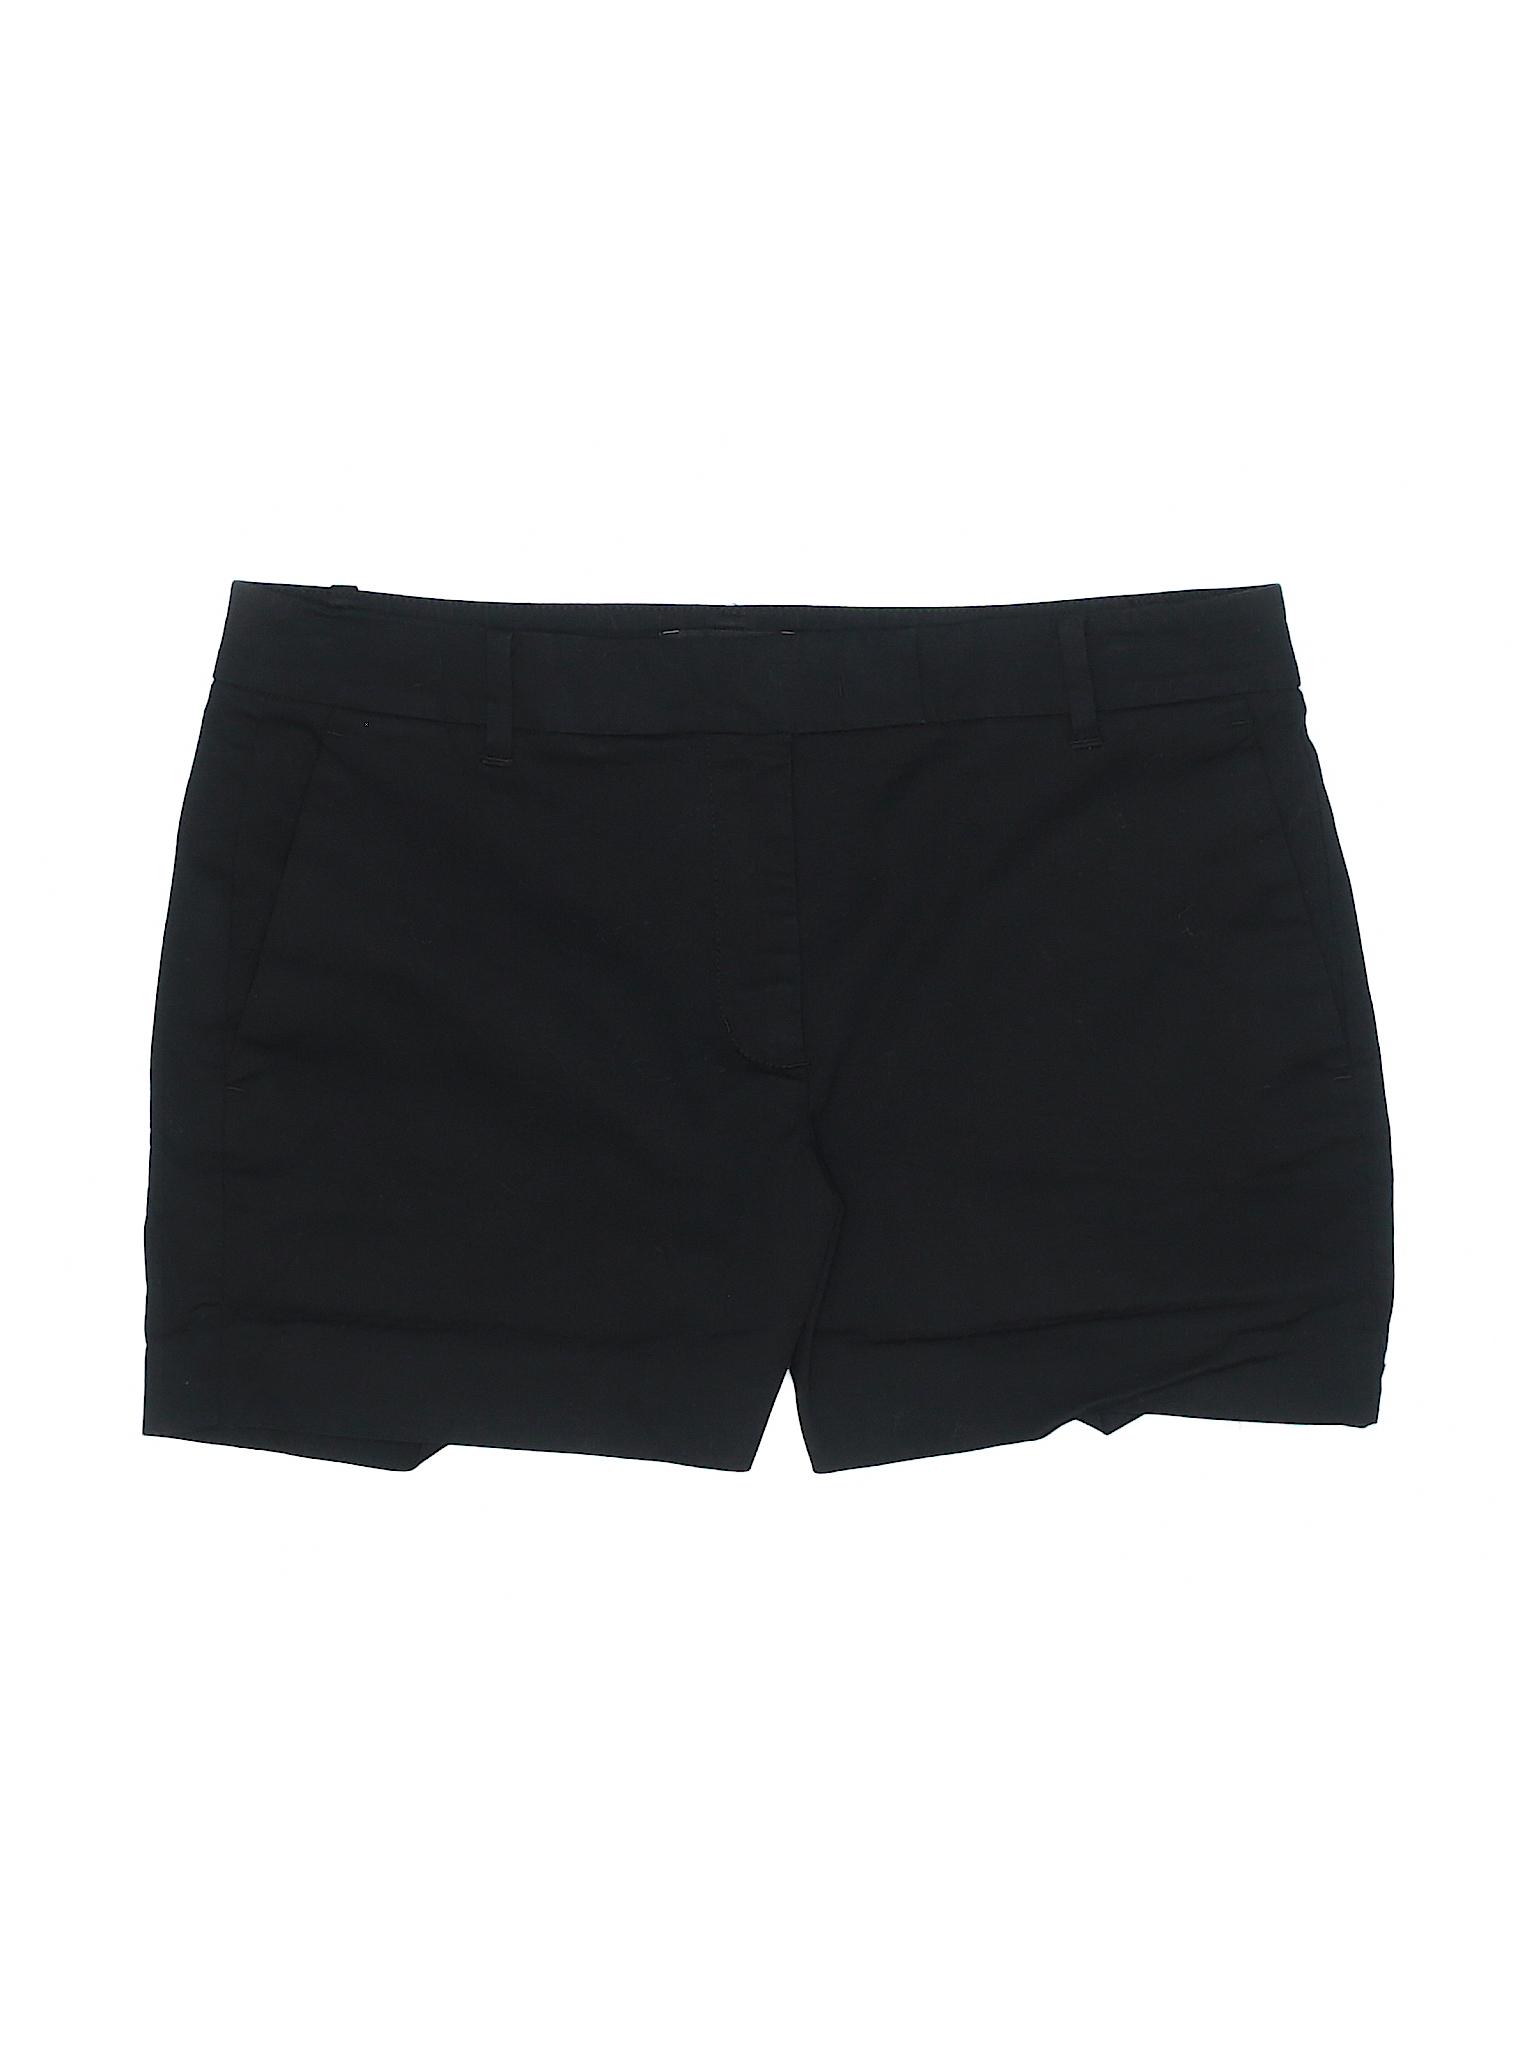 Boutique Taylor Ann Khaki Shorts Ann Boutique rwrqz0T